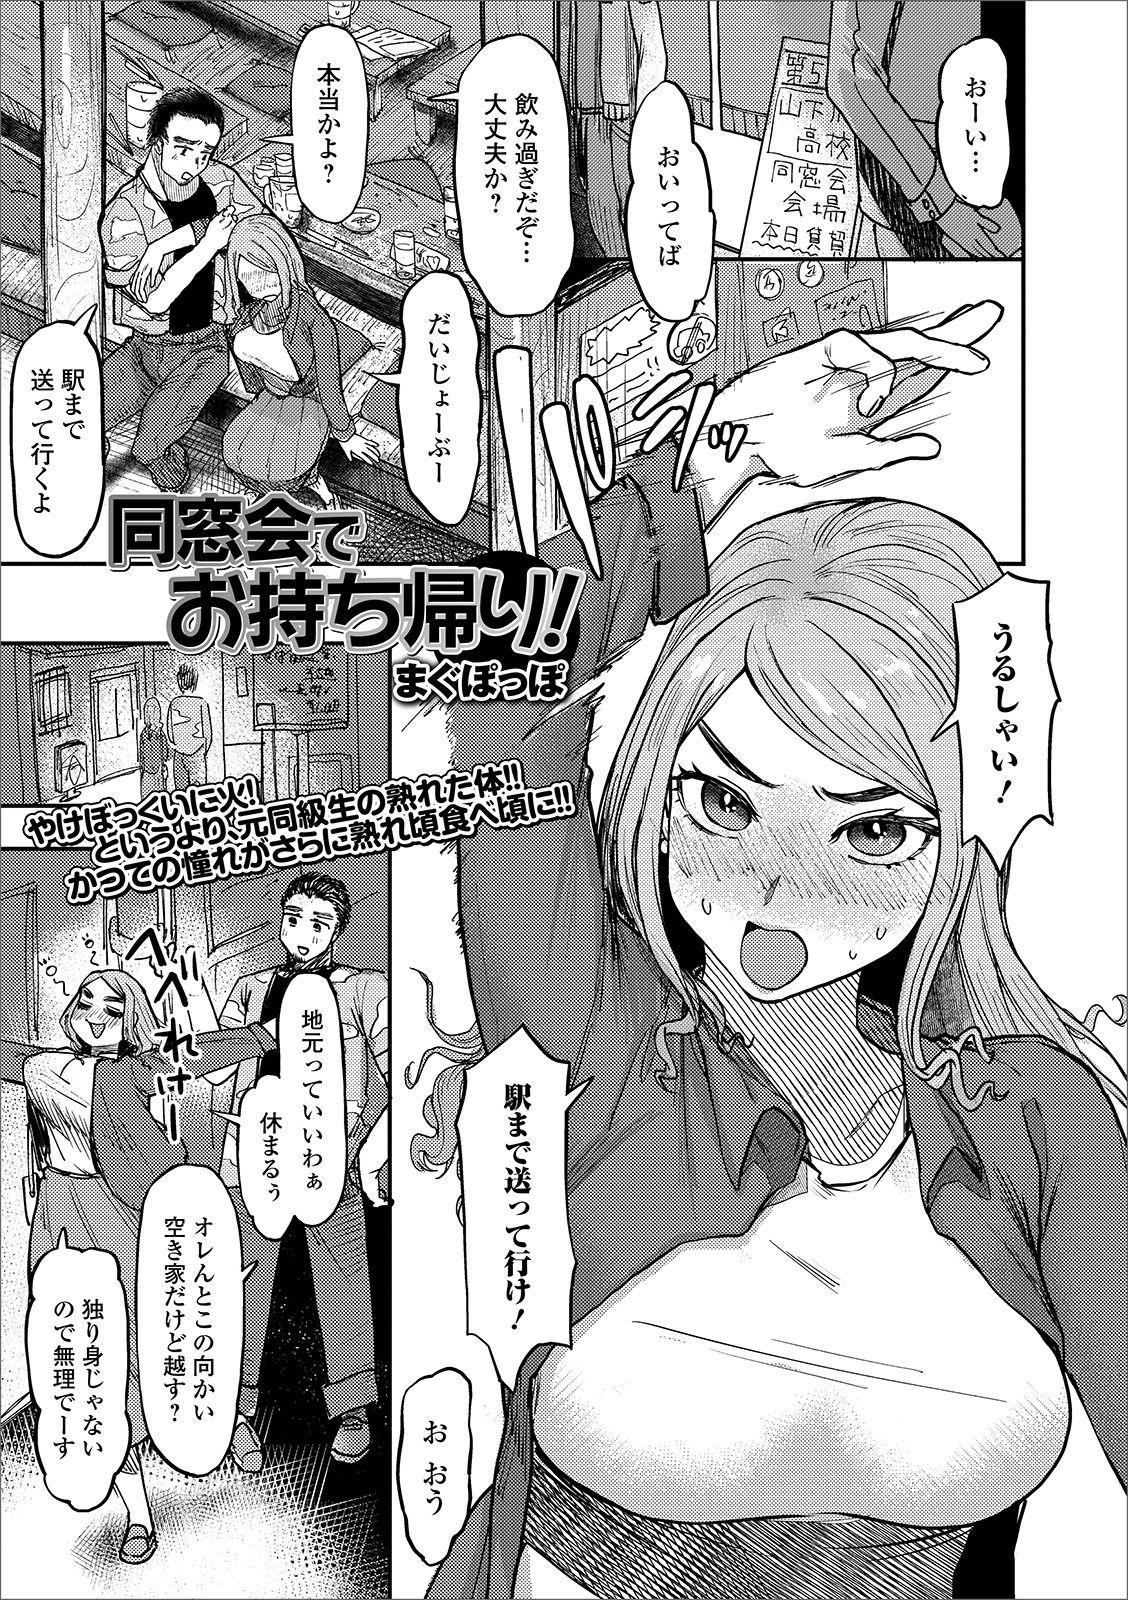 Web Haishin Gekkan Tonari no Kininaru Oku-san Vol. 033 60